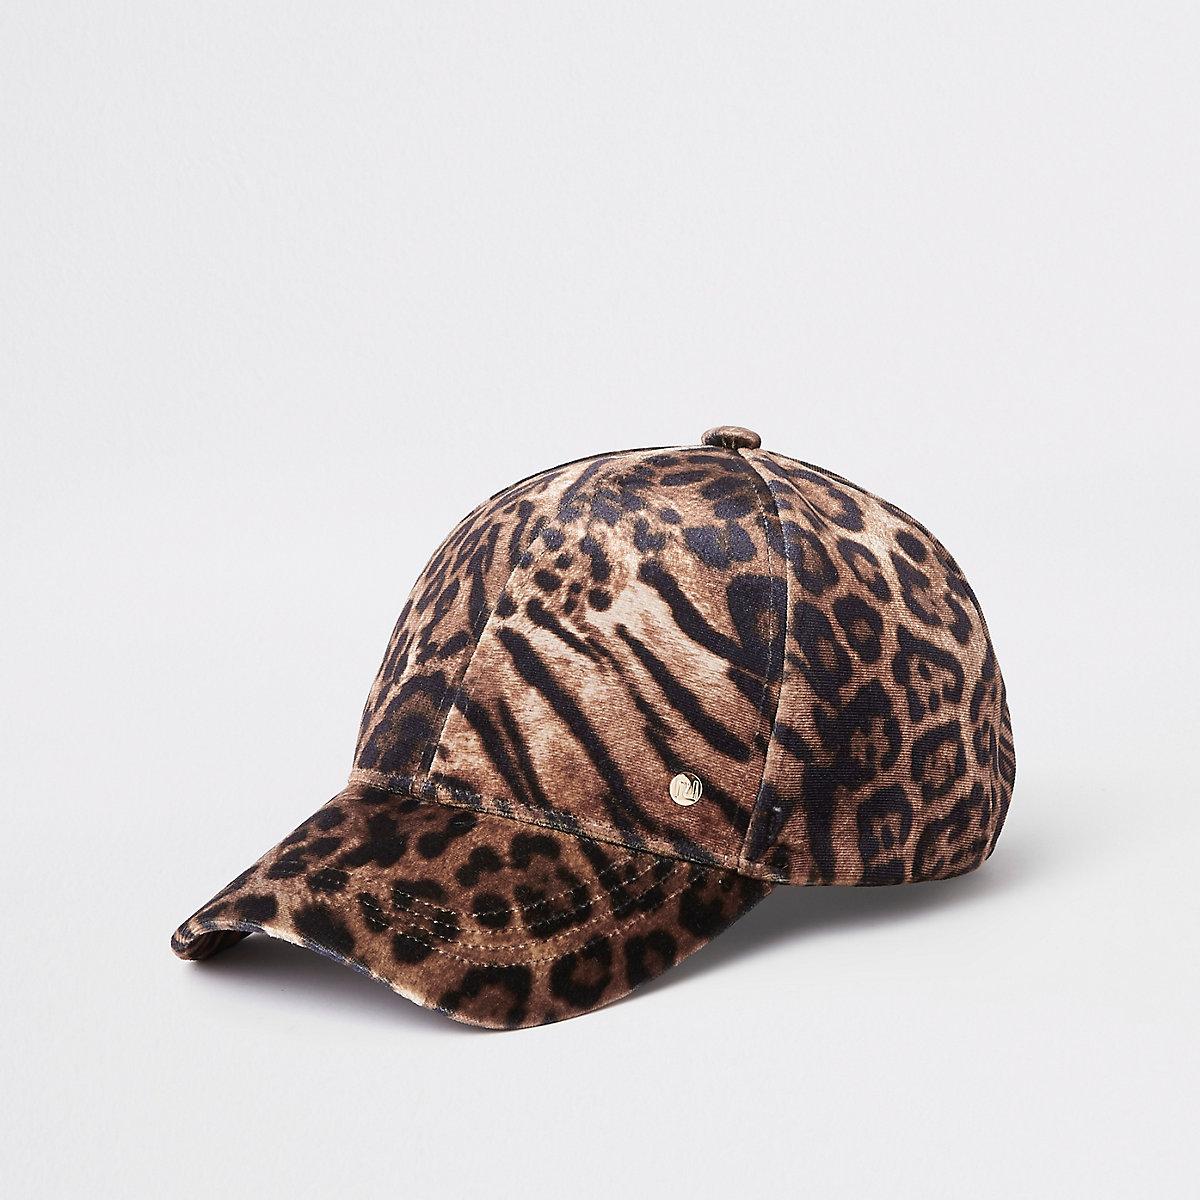 Brown leopard print baseball cap - Hats - Accessories - women 2ff1f50b59f